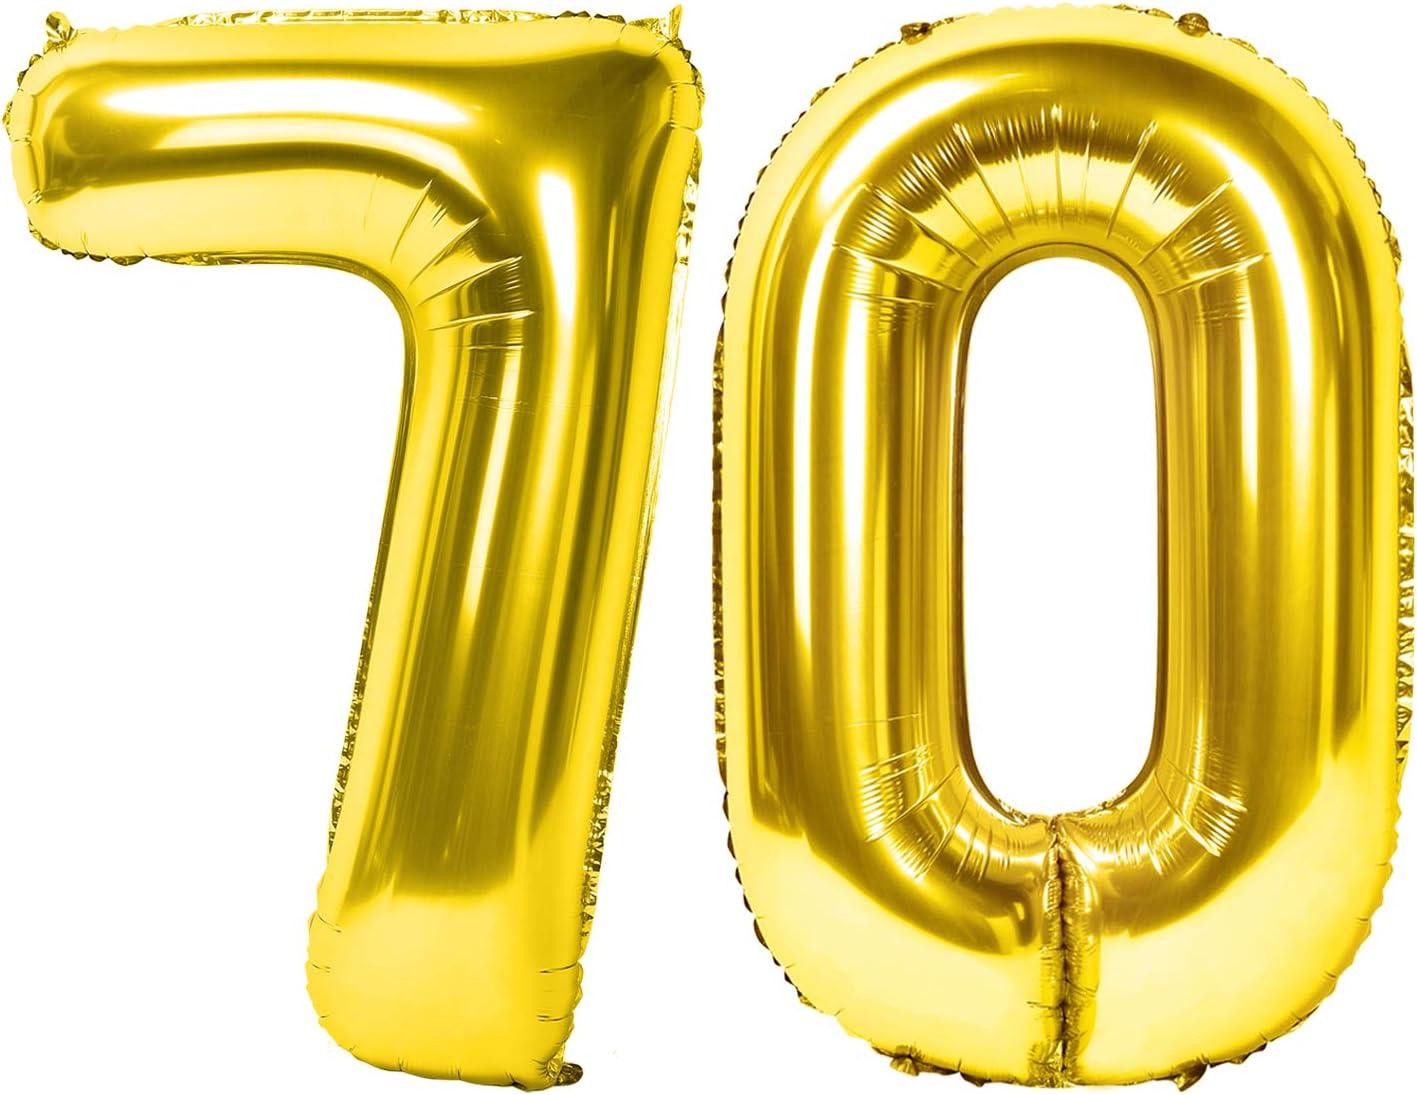 Siumir Numero Palloncino dArgento Foil Palloncino Numero 10 Gigante Palloncino Digitali Decorazione Festa di Compleanno